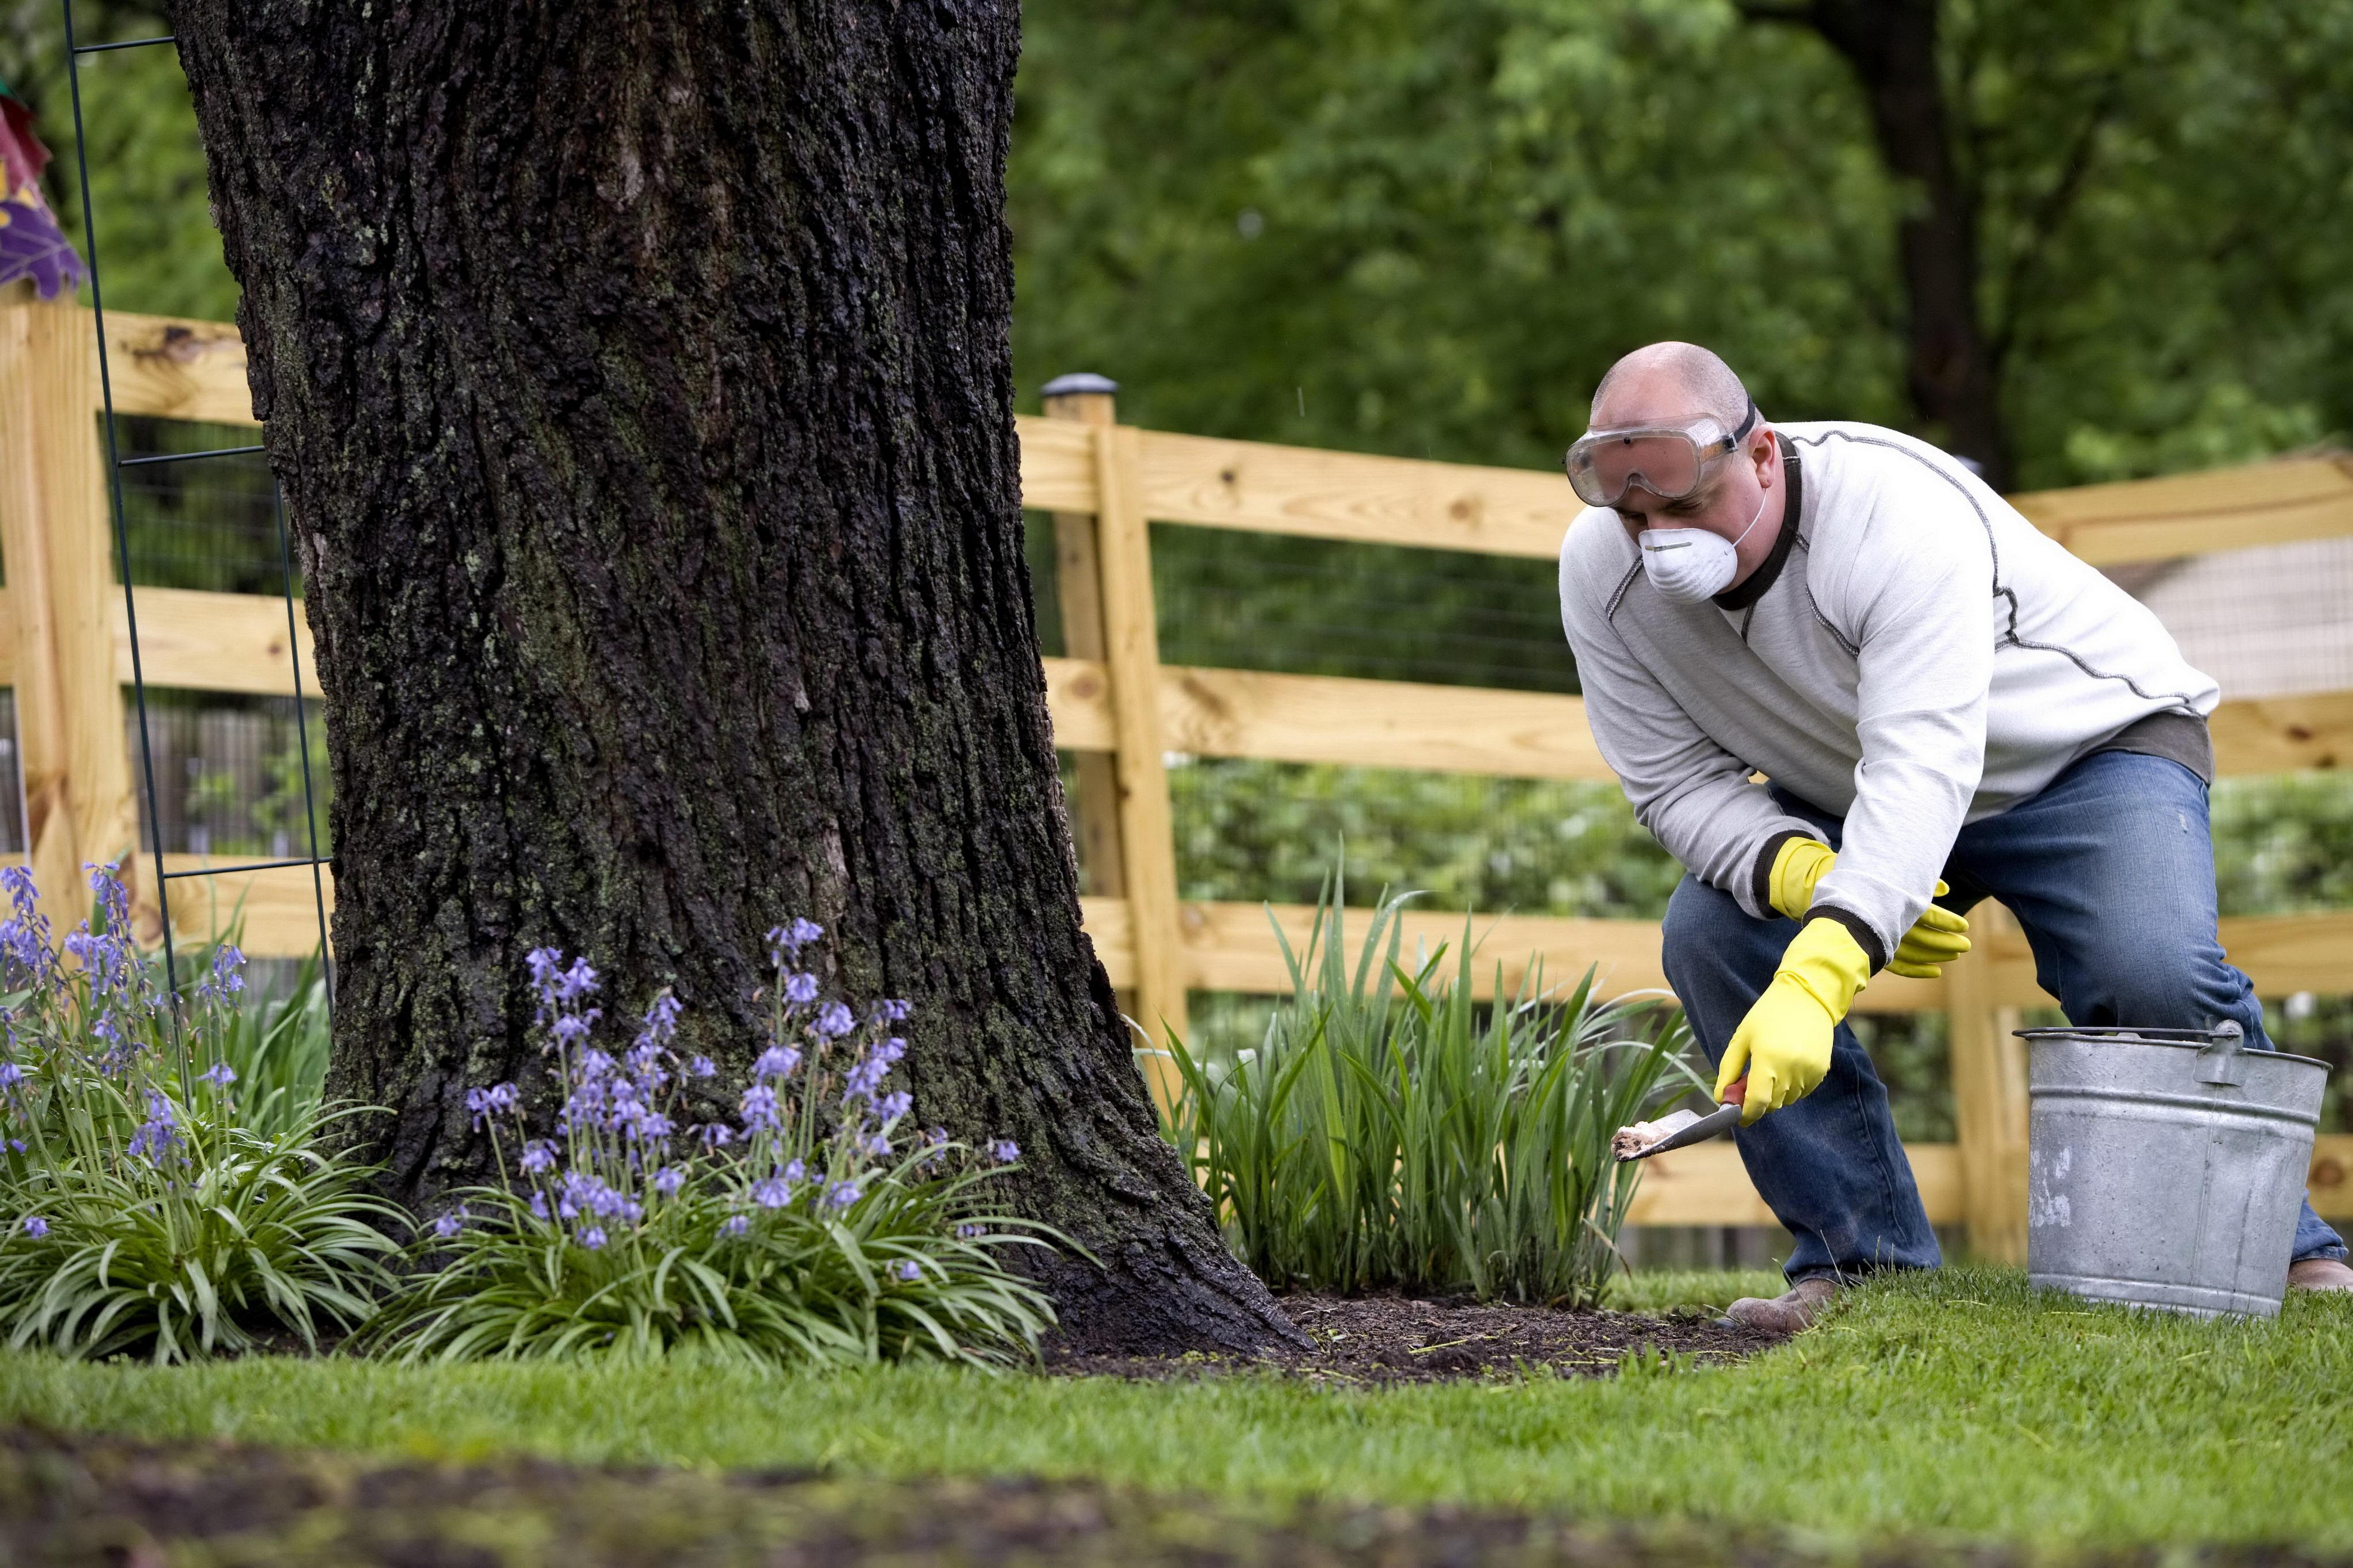 Kostenlose Bild: Mann, das Tragen, Jeans, zu schützen, ein ...